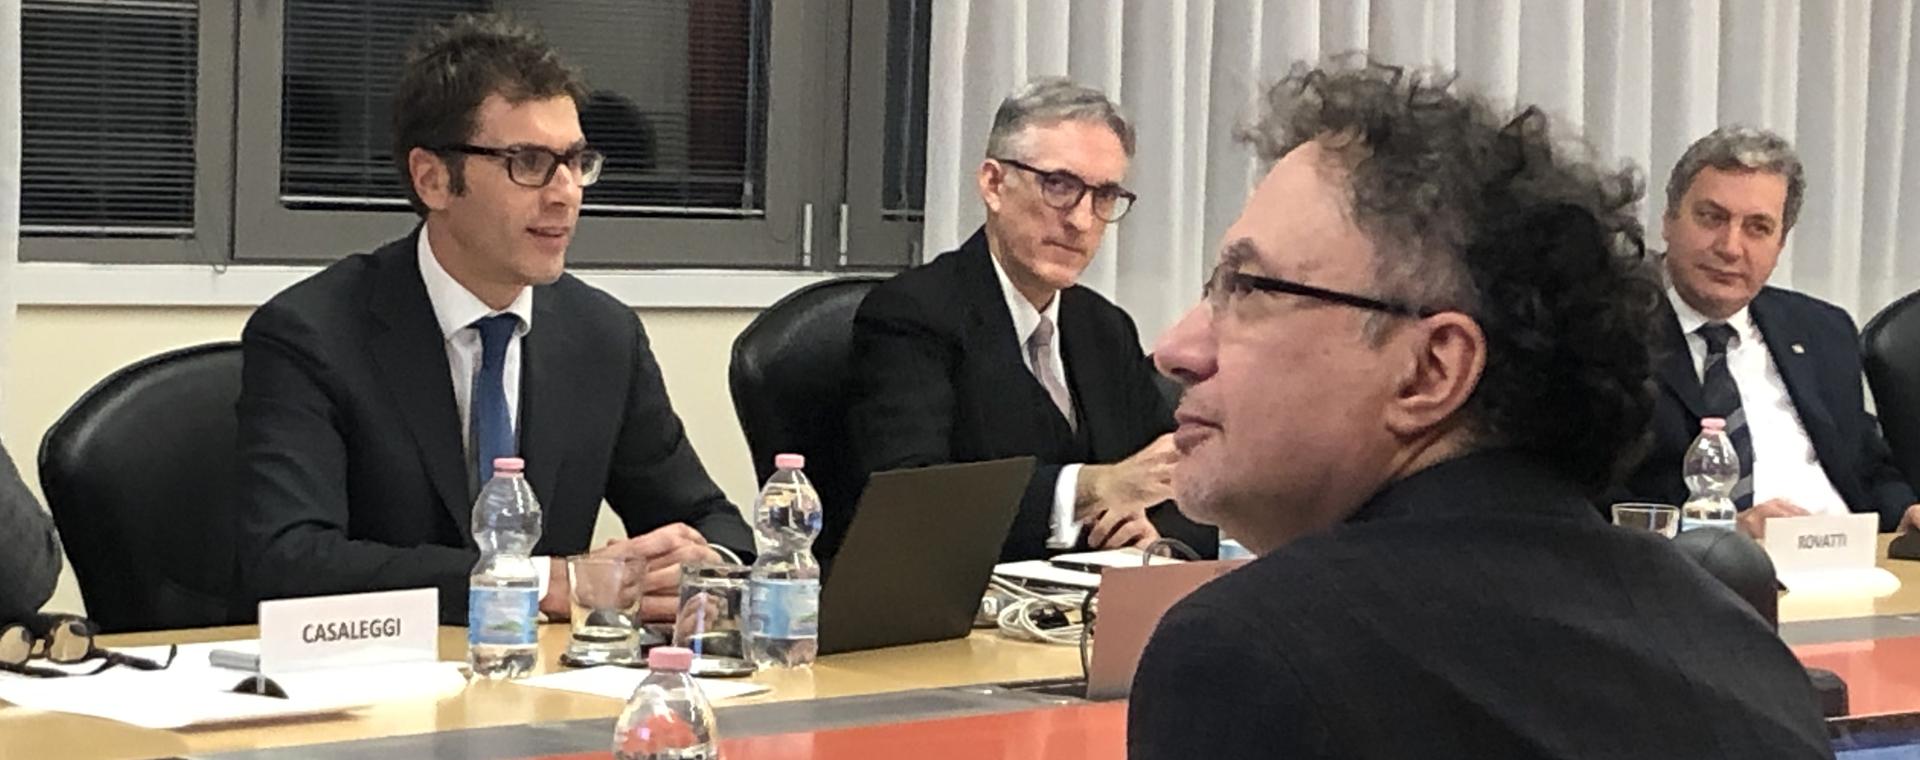 Michele Geraci, Sottosegretario del Ministero dello sviluppo economico, visita Area Science Park